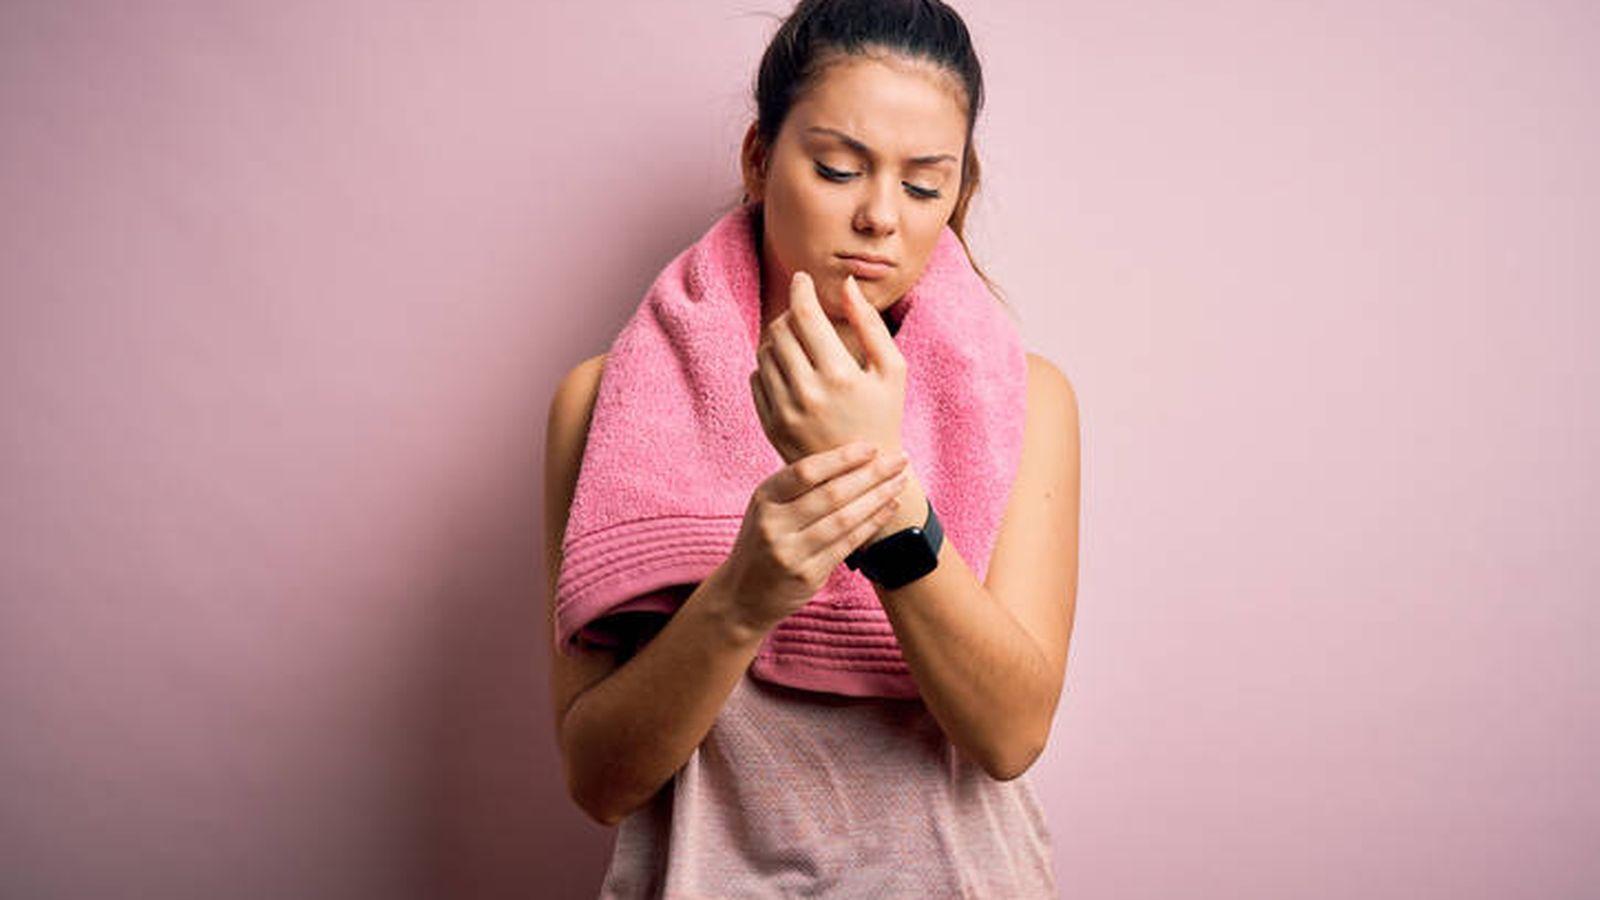 Descubre qué es el síndrome del túnel carpiano y cómo te afecta